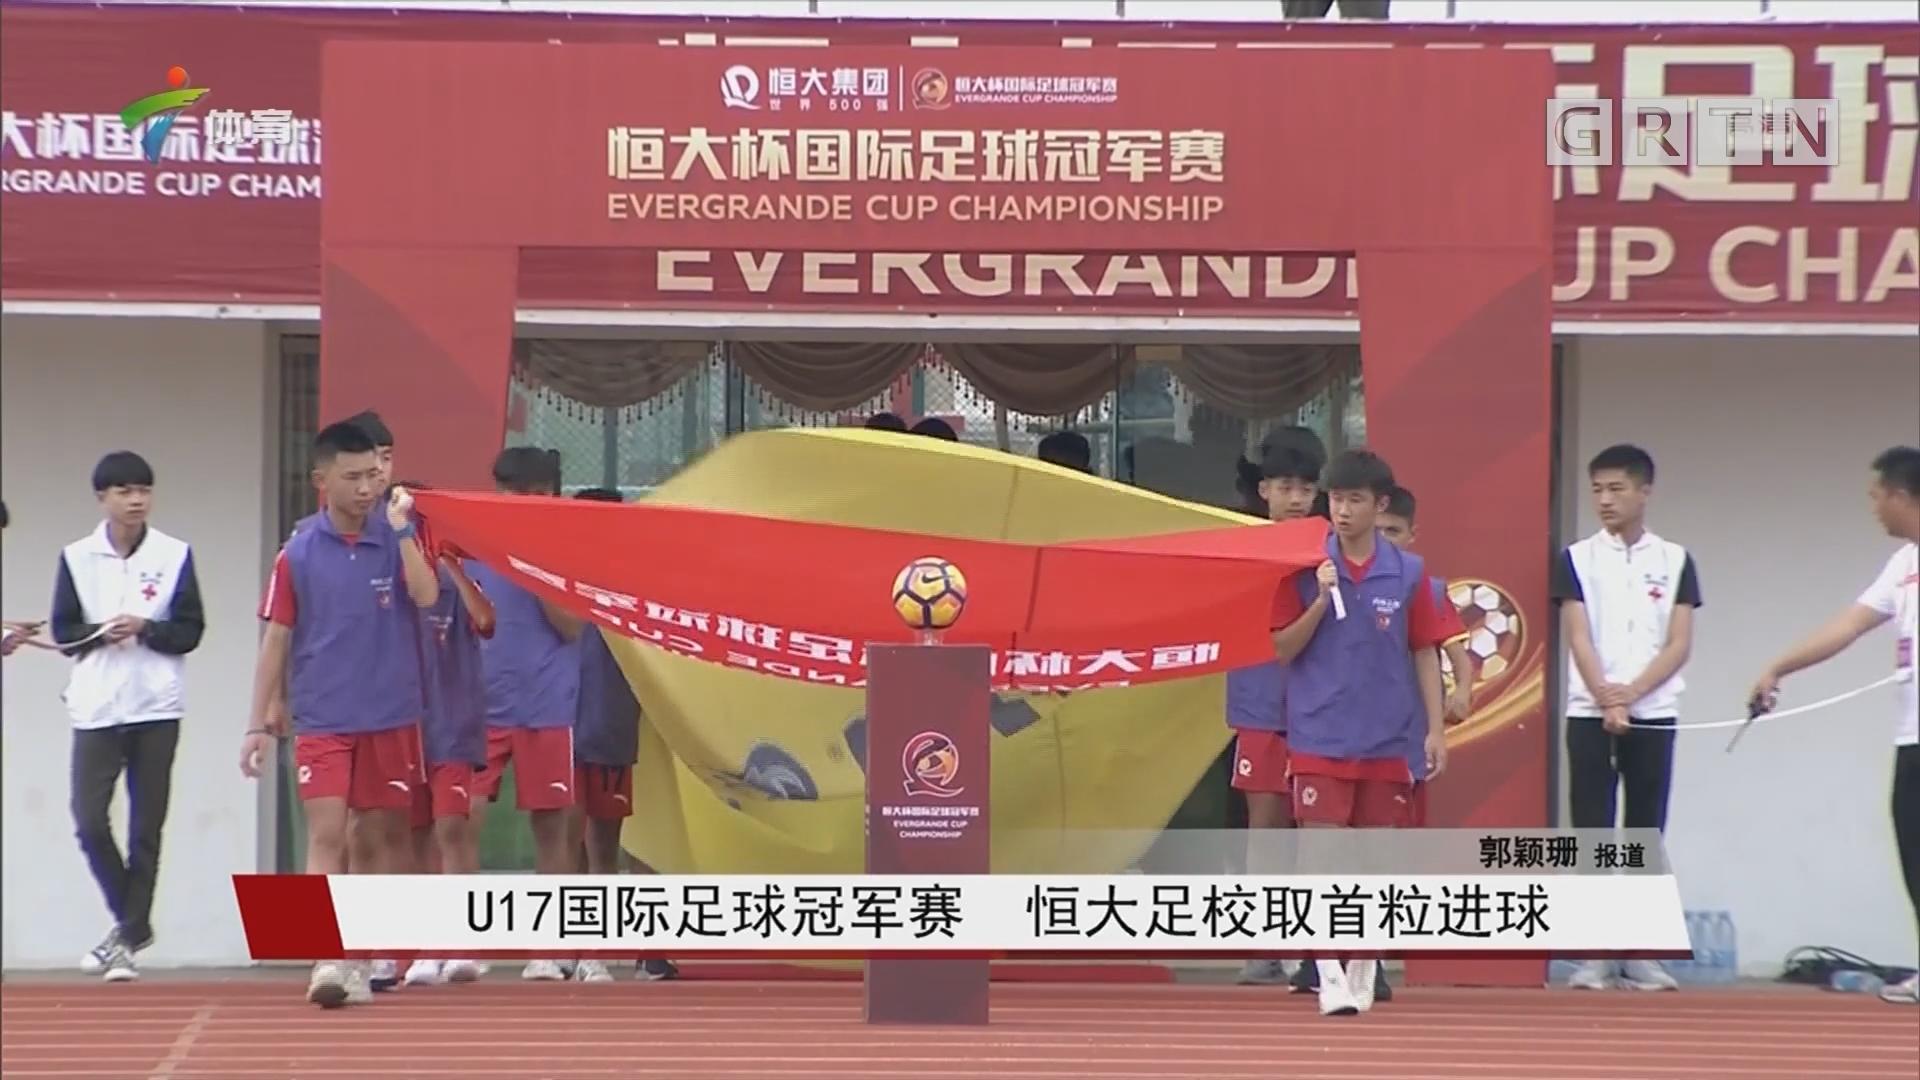 U17国际足球冠军赛 恒大足校取首粒进球